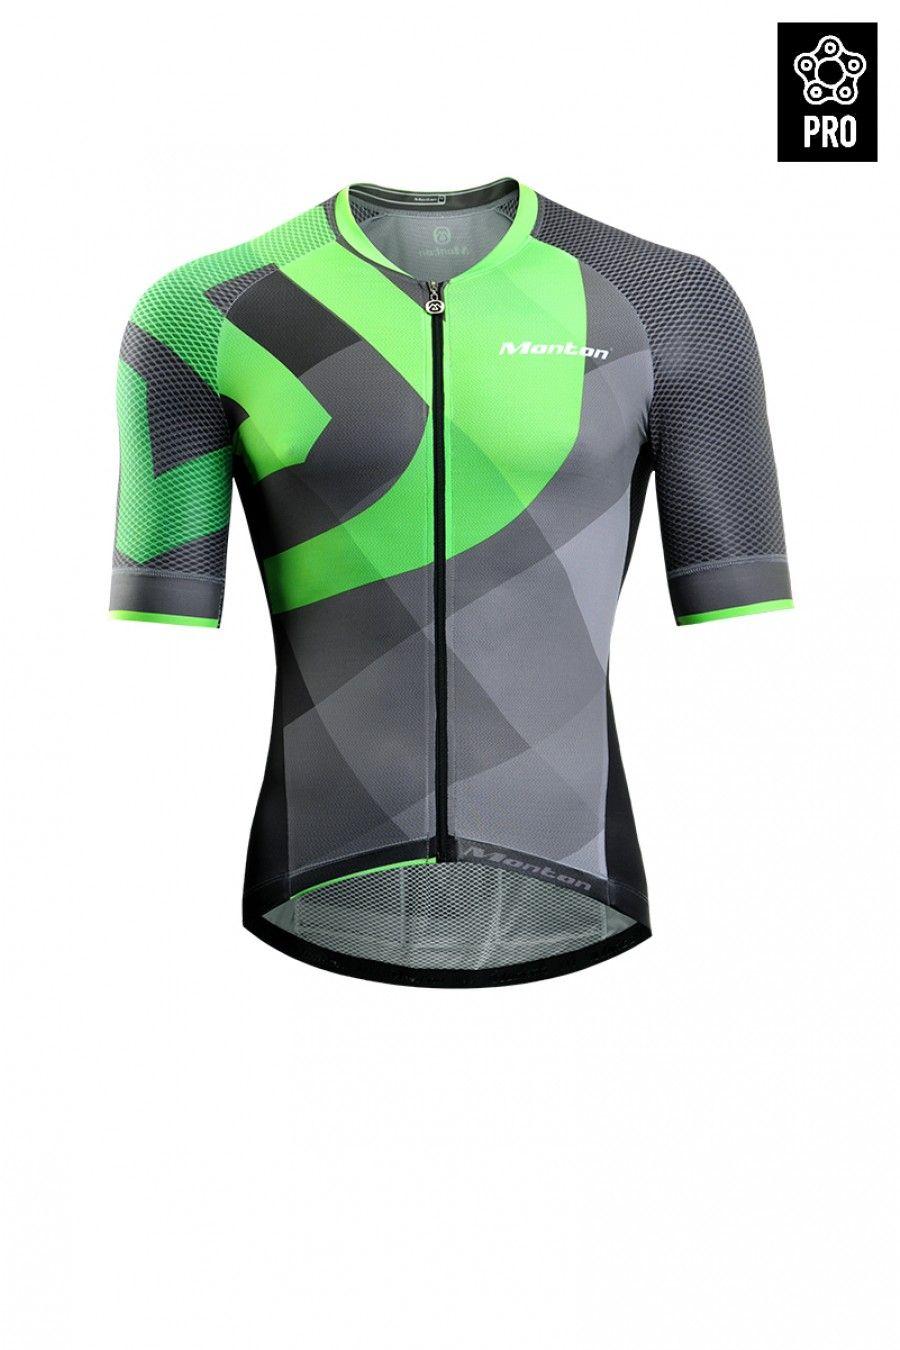 Cool Bike Jerseys Cycling Jersey Design Bike Jersey Cycling Outfit